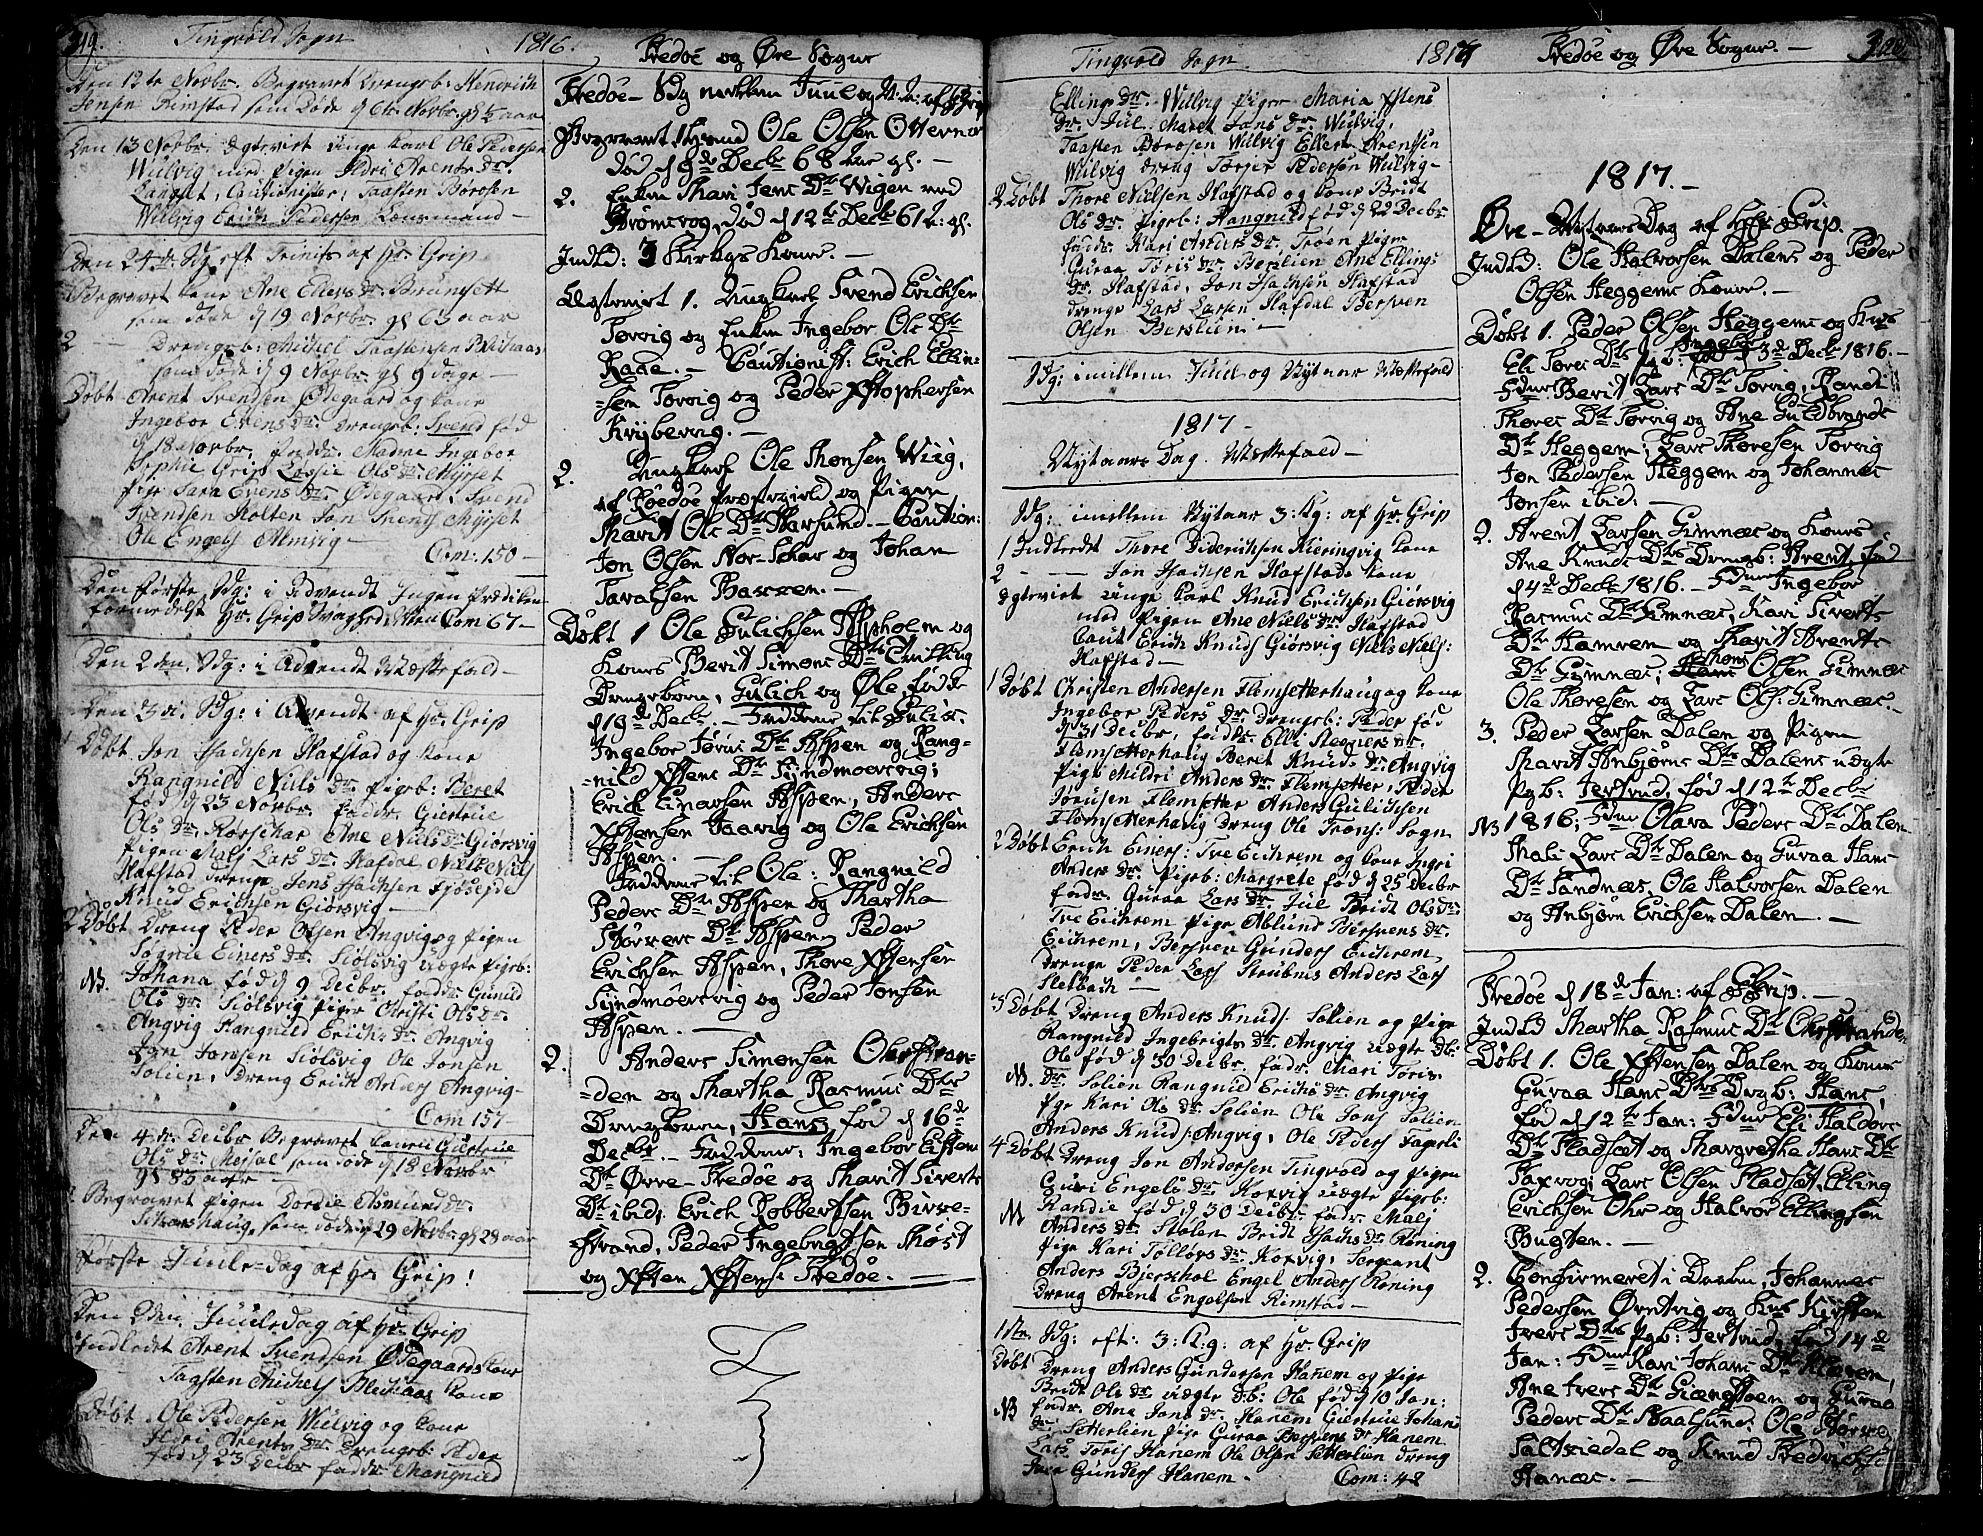 SAT, Ministerialprotokoller, klokkerbøker og fødselsregistre - Møre og Romsdal, 586/L0981: Parish register (official) no. 586A07, 1794-1819, p. 319-320